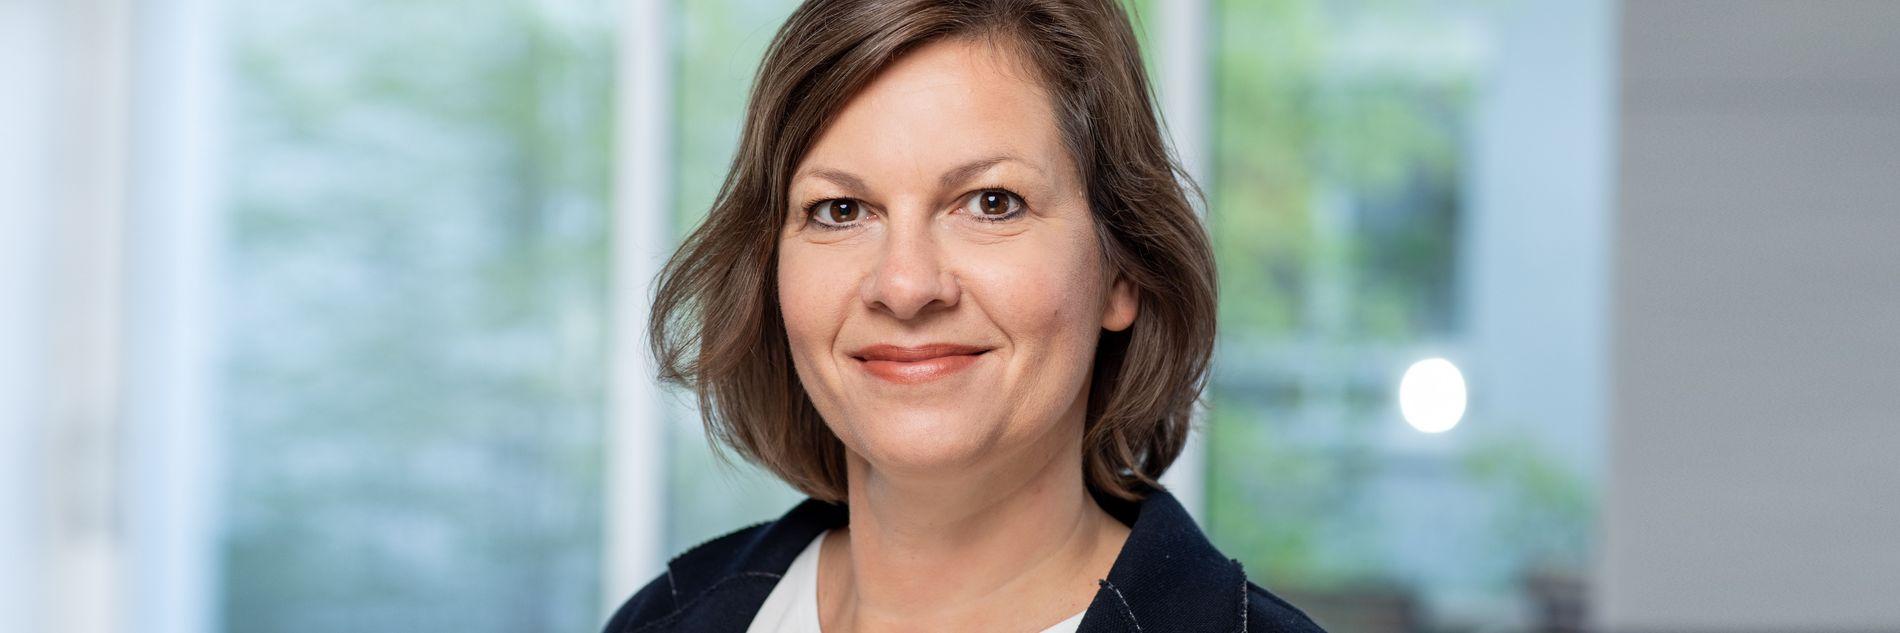 Dr. med. Andrea von den Berg